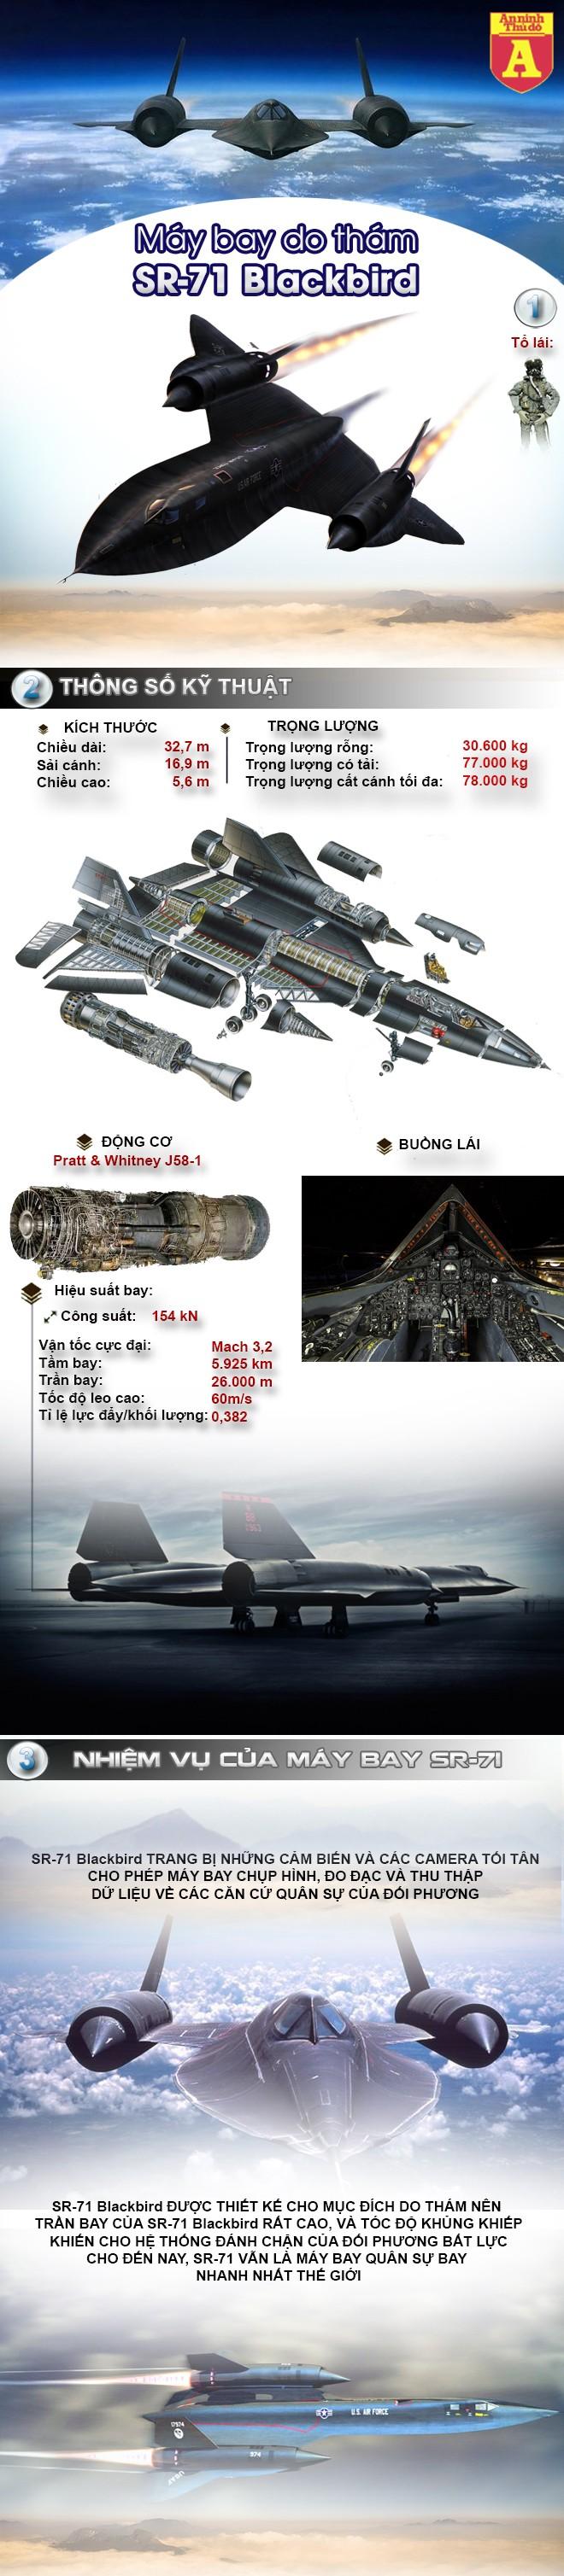 [Infographic] Siêu máy bay do thám Mỹ thoát hiểm khi Triều Tiên phóng tên lửa ảnh 2